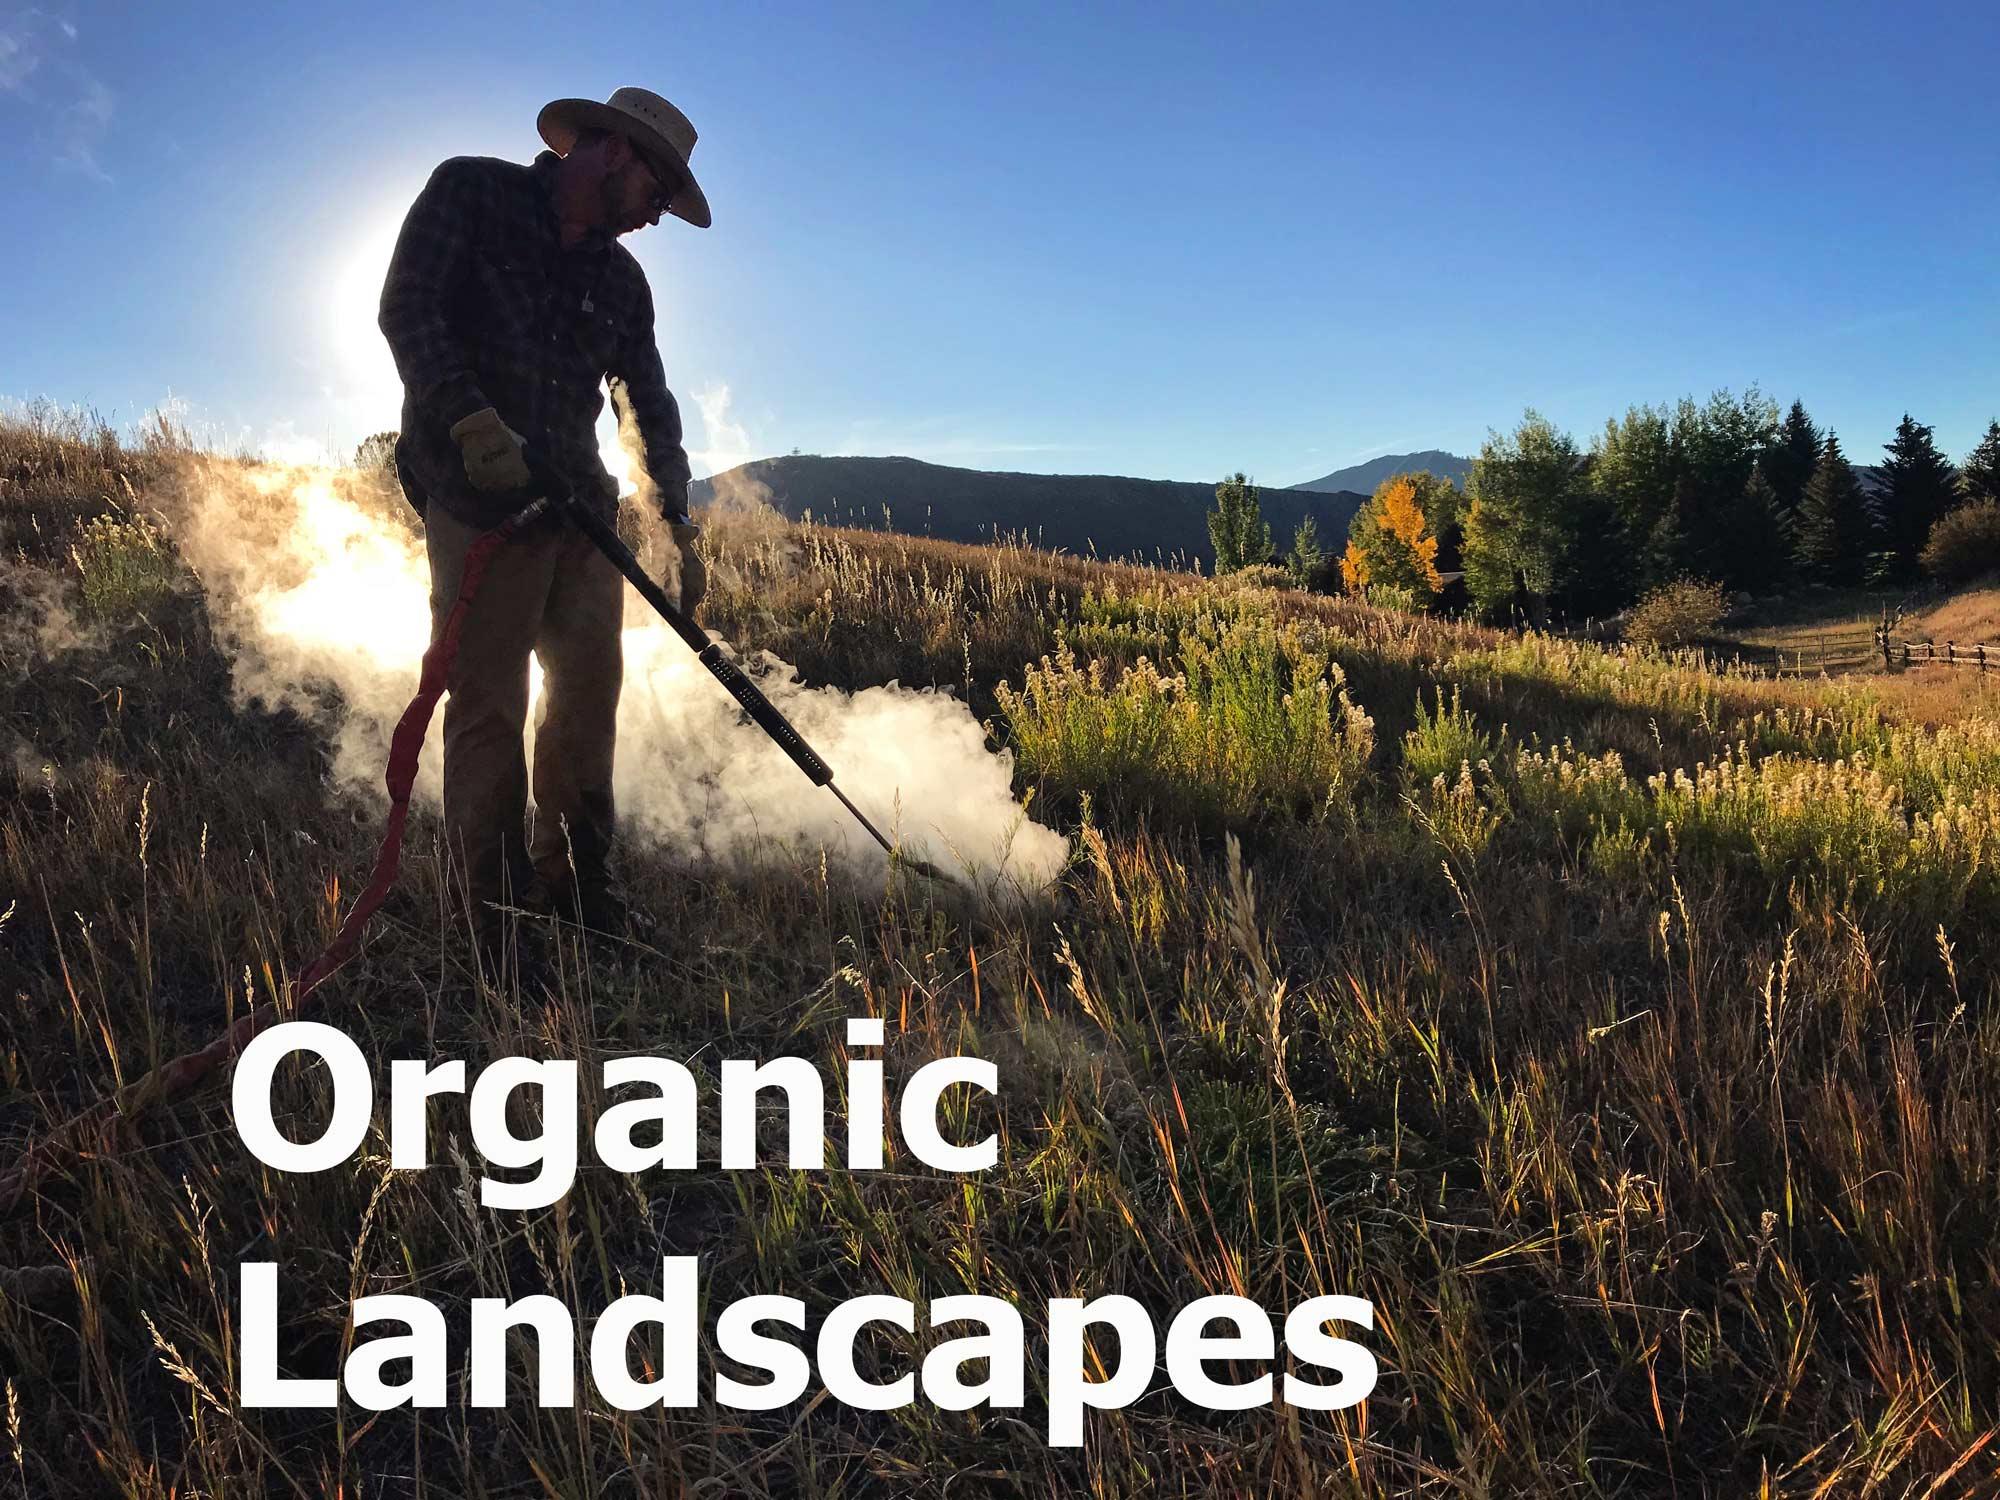 organic-horse-pastures-weedsteam-pasture-homepage.jpg